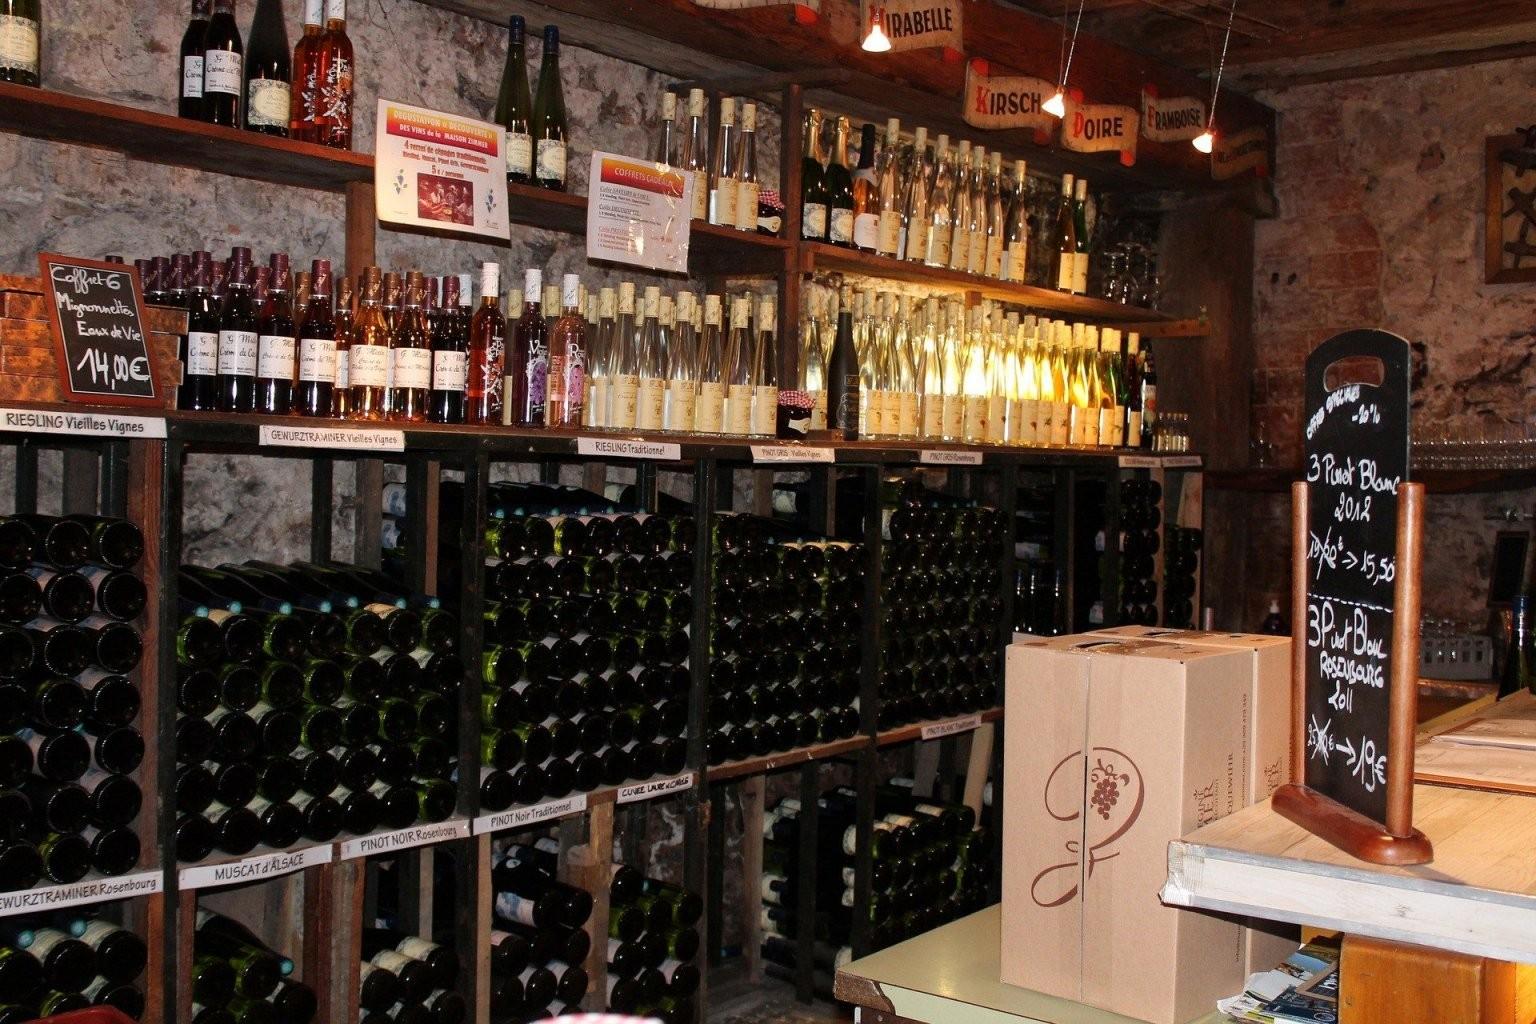 Weinkeller Im Eigenen Haus Bauen Und Einrichten von Weinkeller Bauen Selber Machen Photo